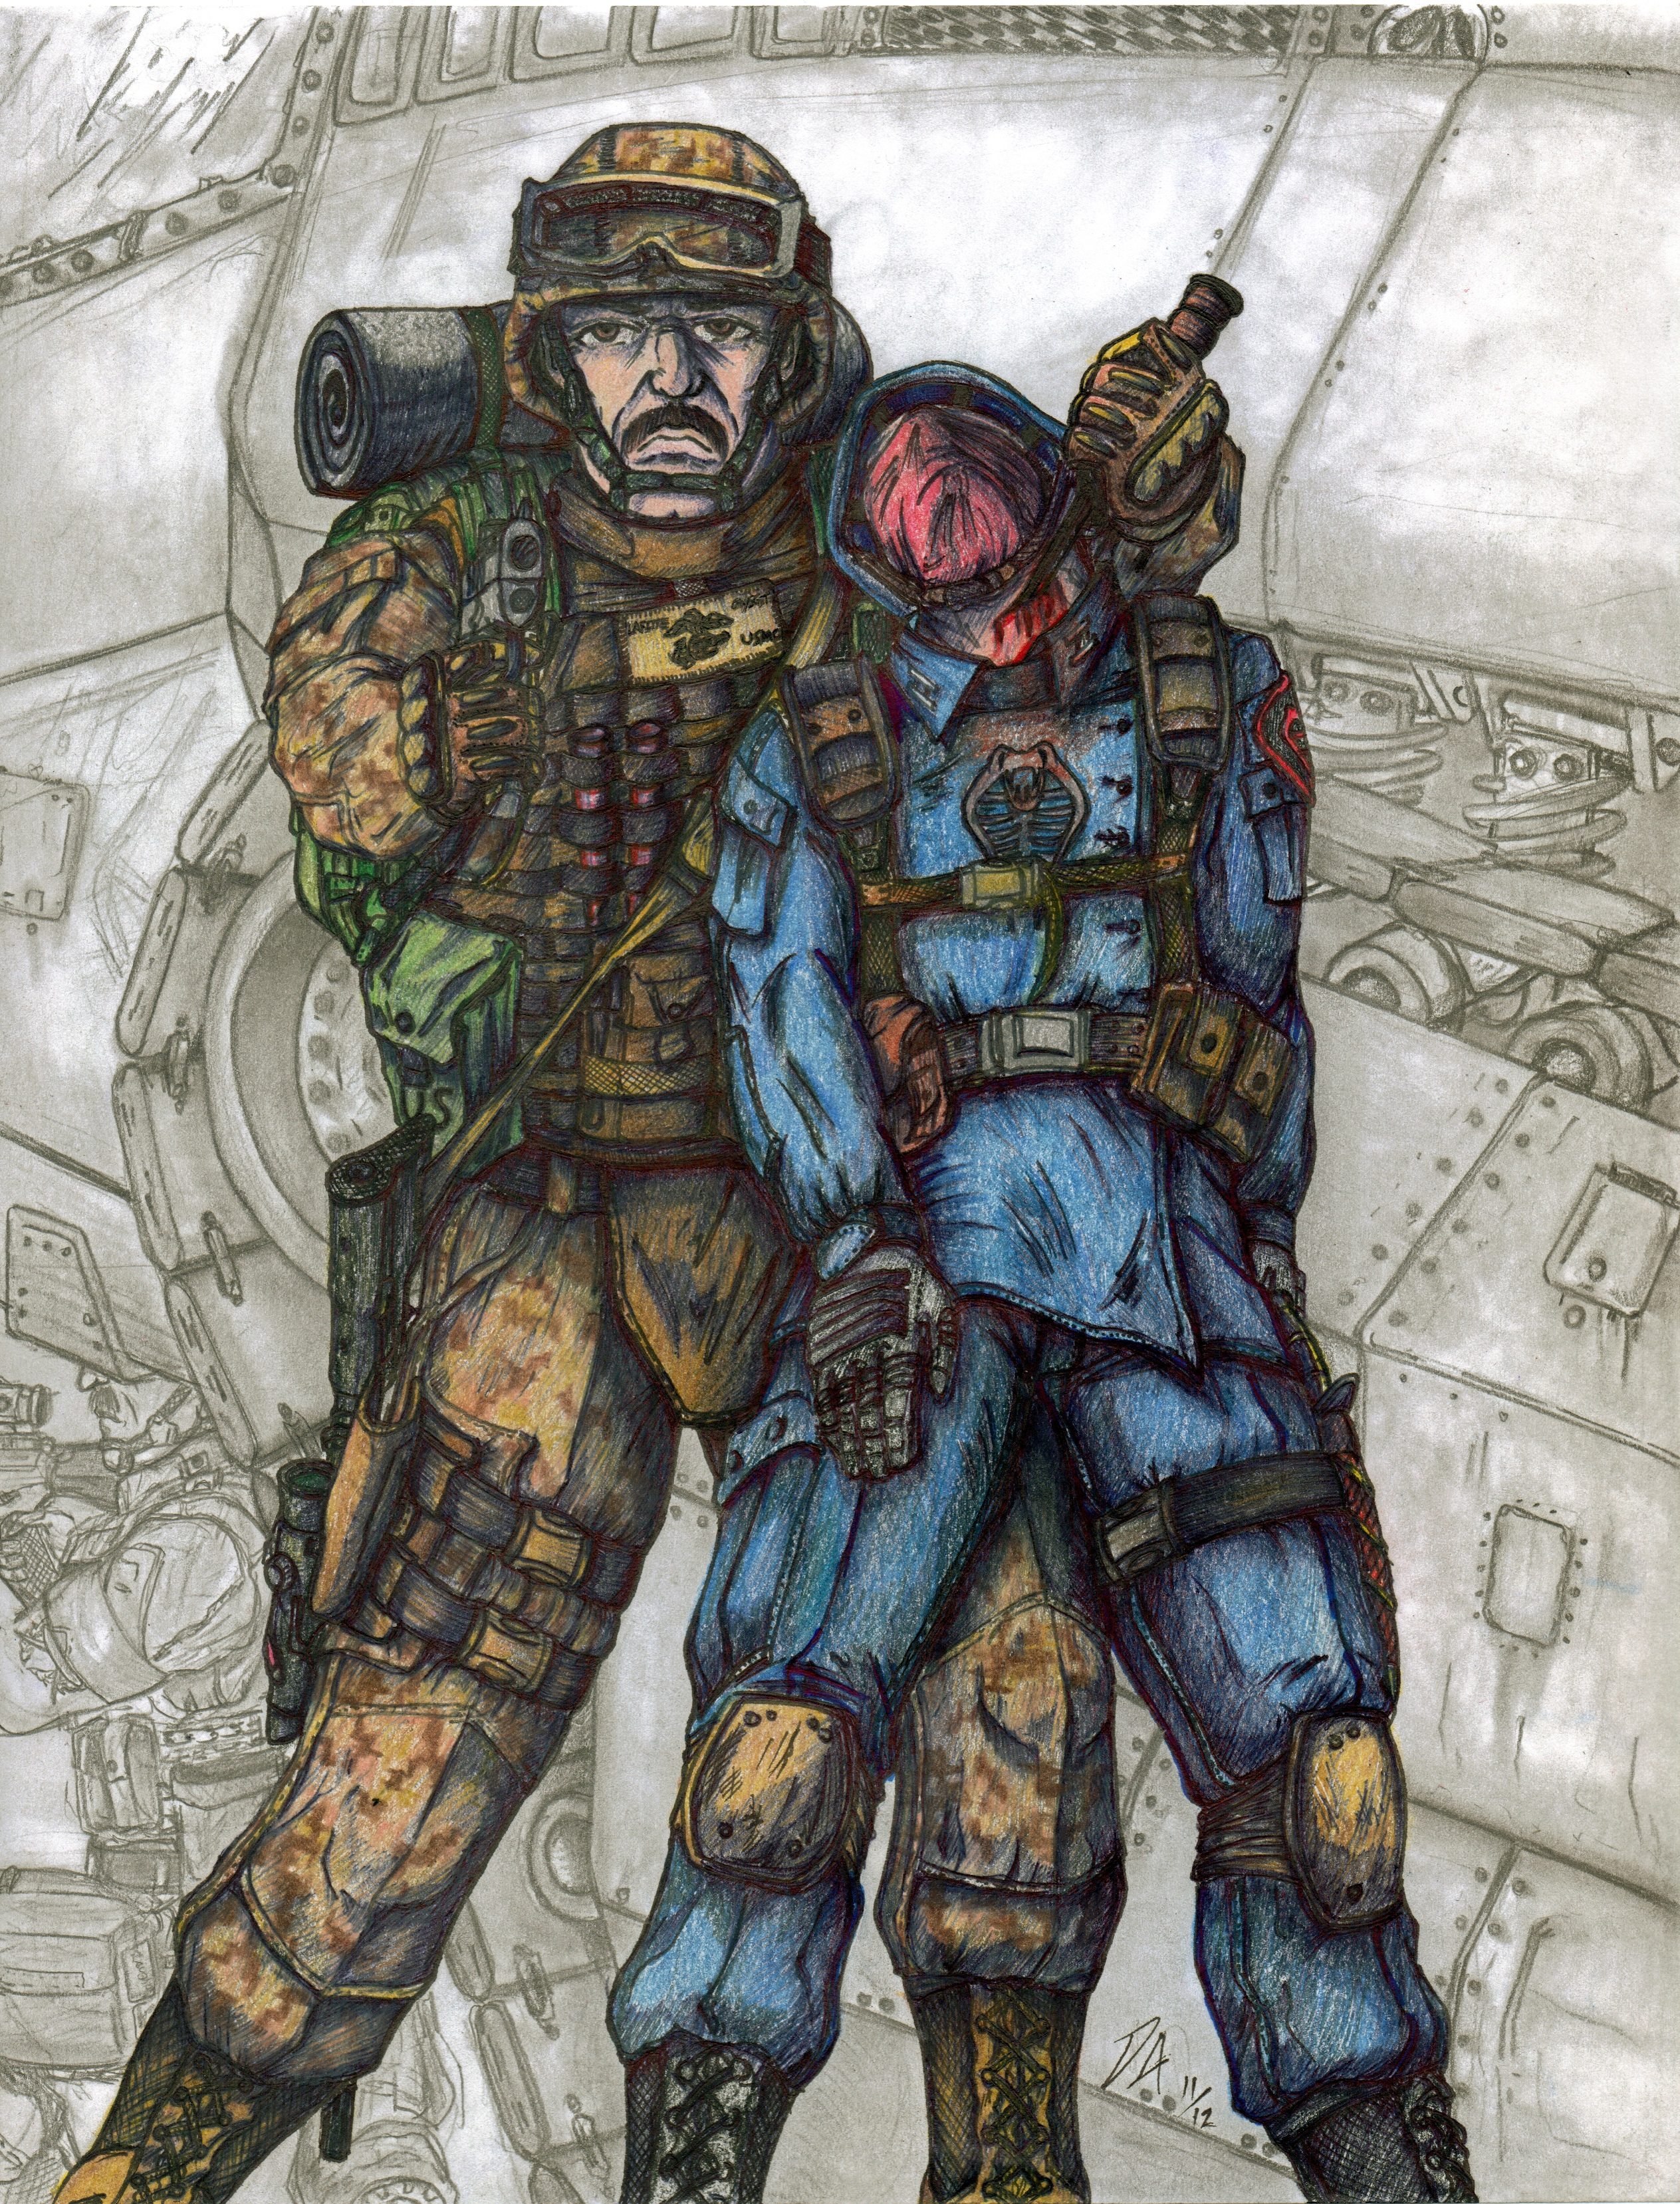 G.I. Joe Gung-Ho by Derk212